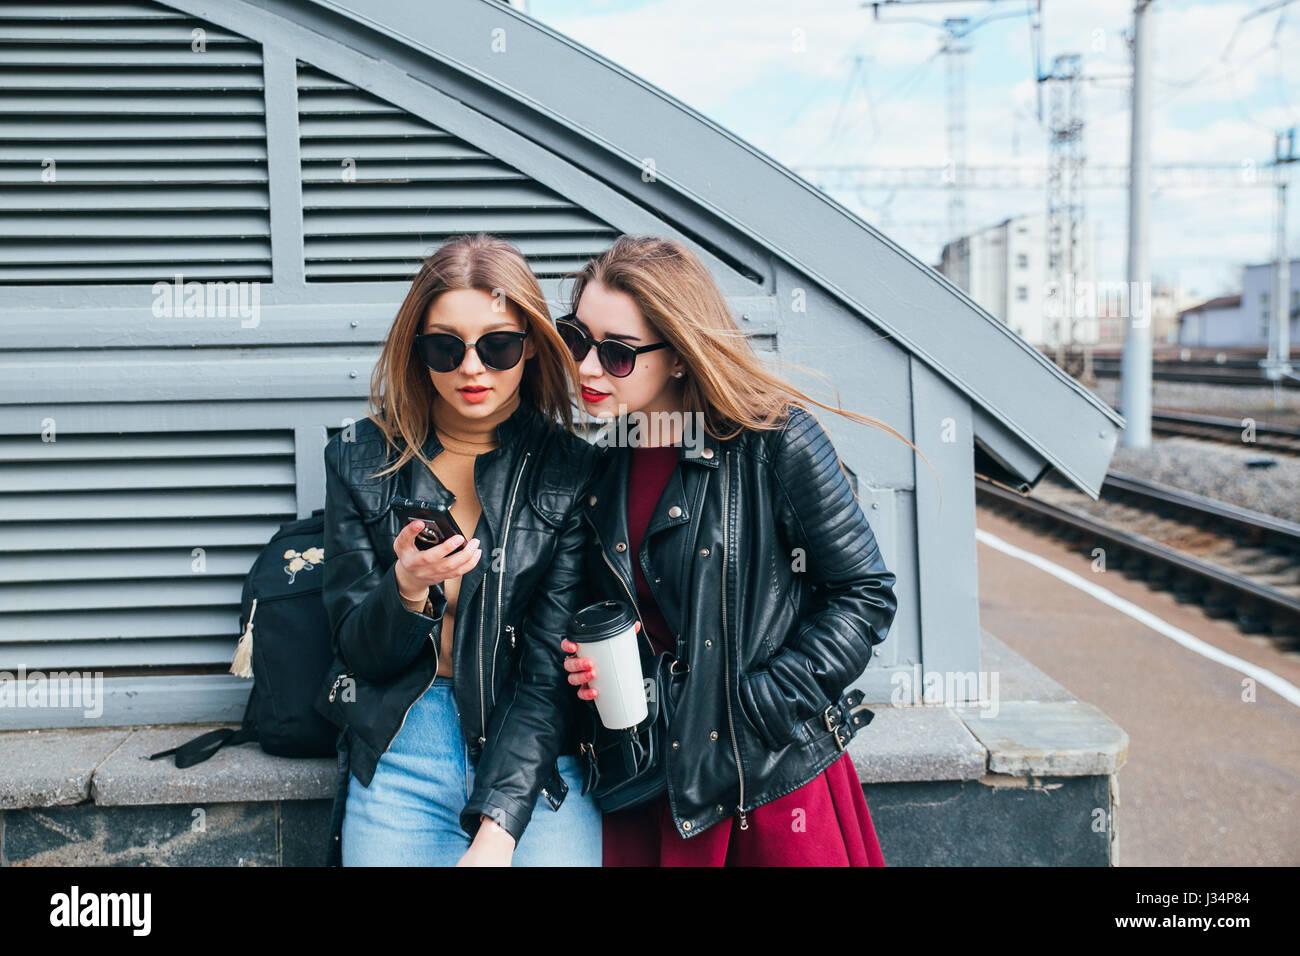 Conversazione tra due donne nella città.Outdoor Lifestyle ritratto di due migliori amici hipster ragazze indossano Immagini Stock